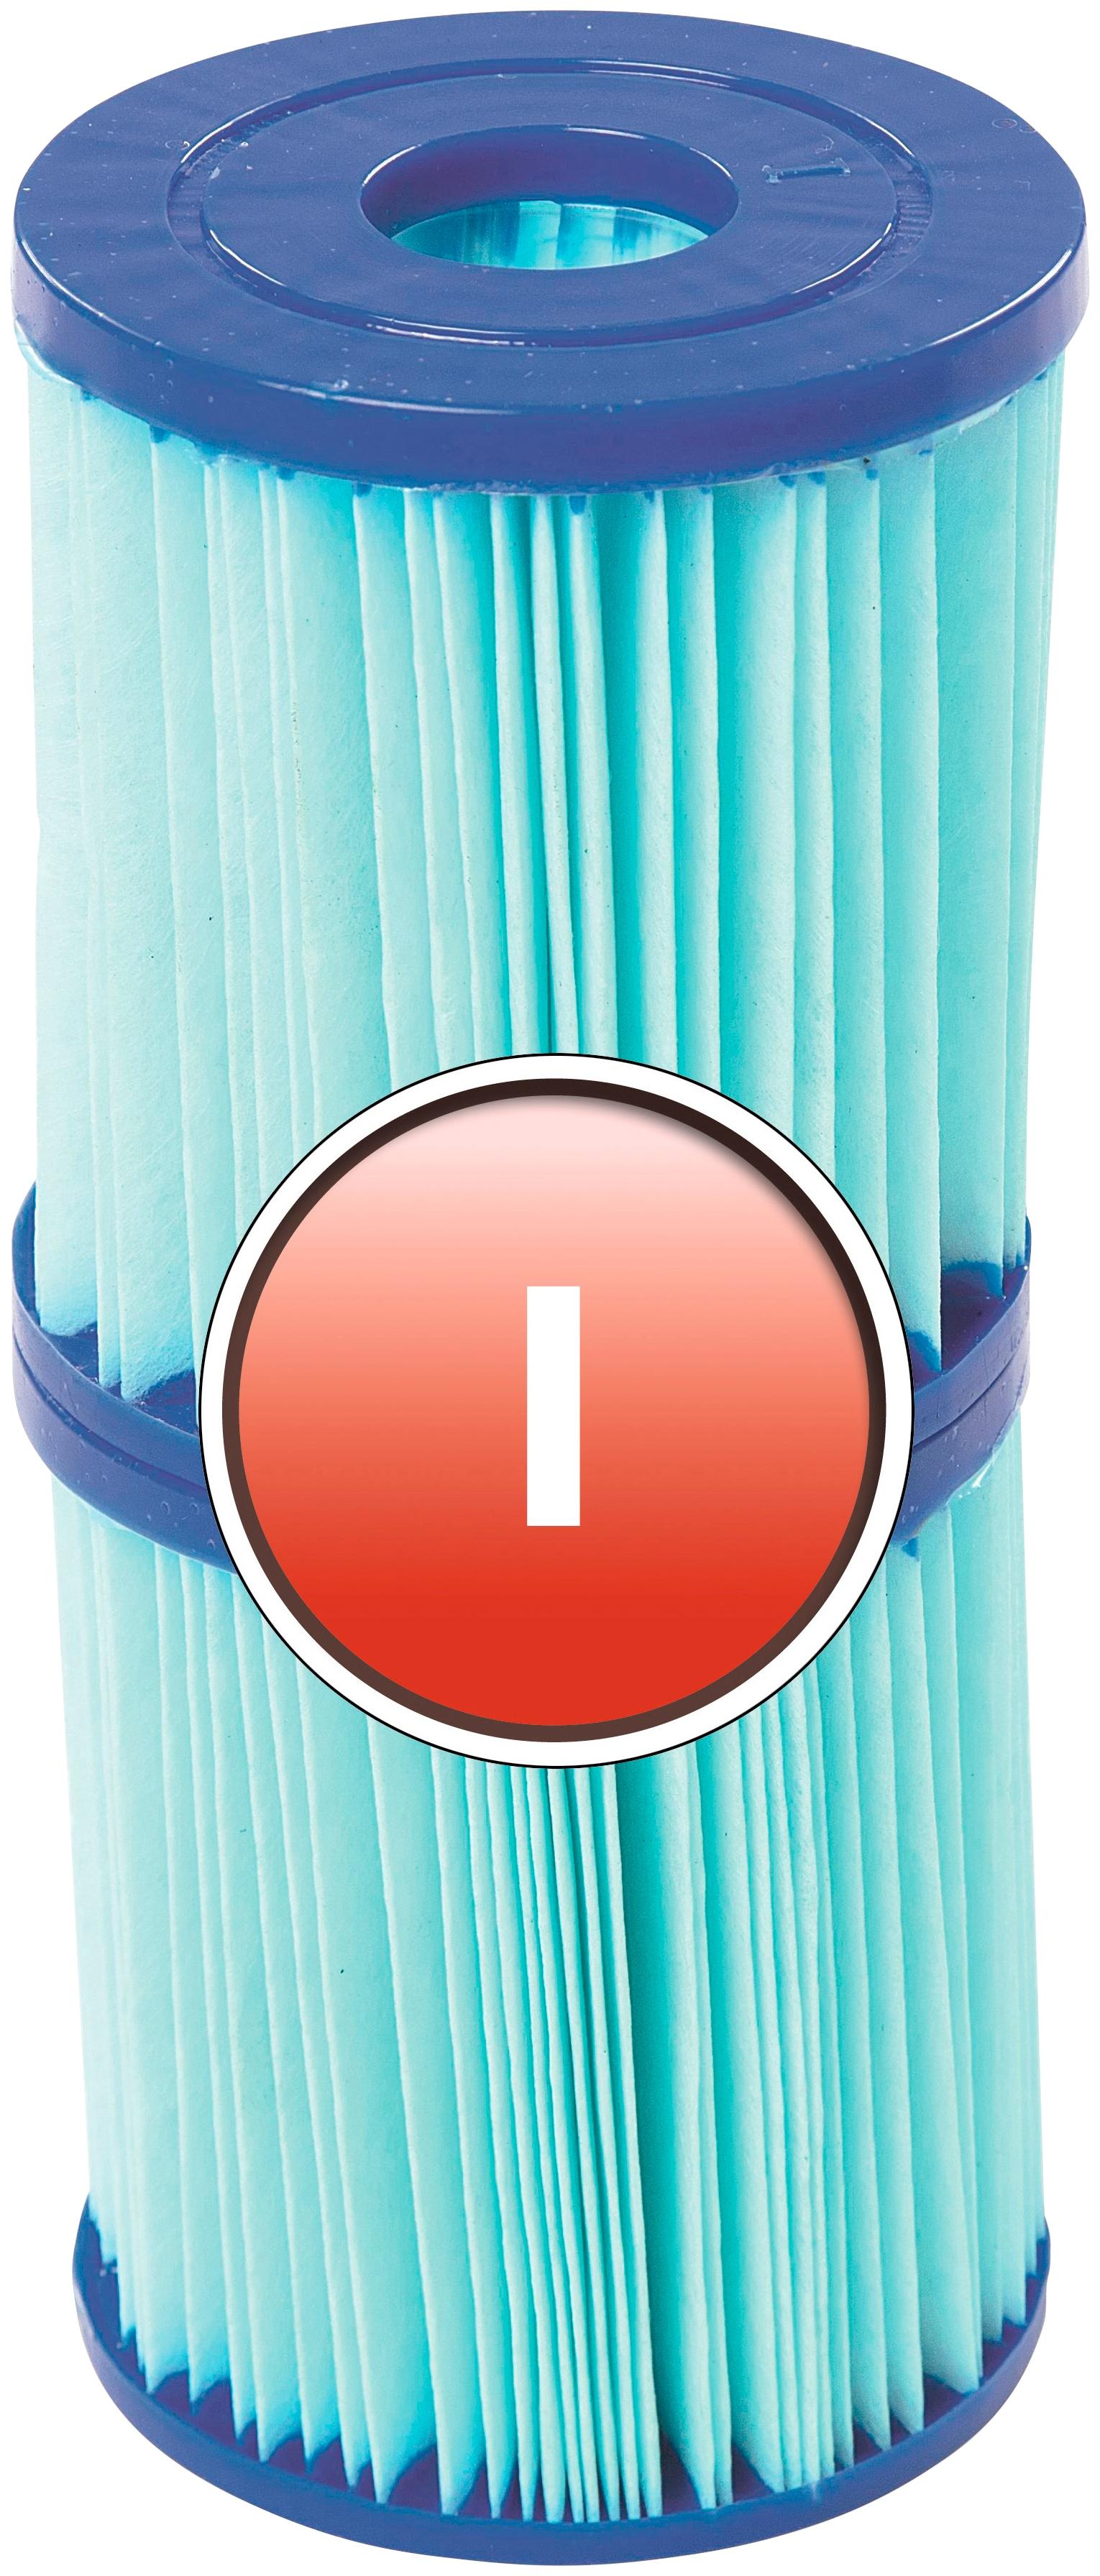 BESTWAY Ersatzfilterkartusche »Flowclear™«, Gr.I, 8 x 9 cm | Küche und Esszimmer > Küchengeräte > Wasserfilter | Bestway